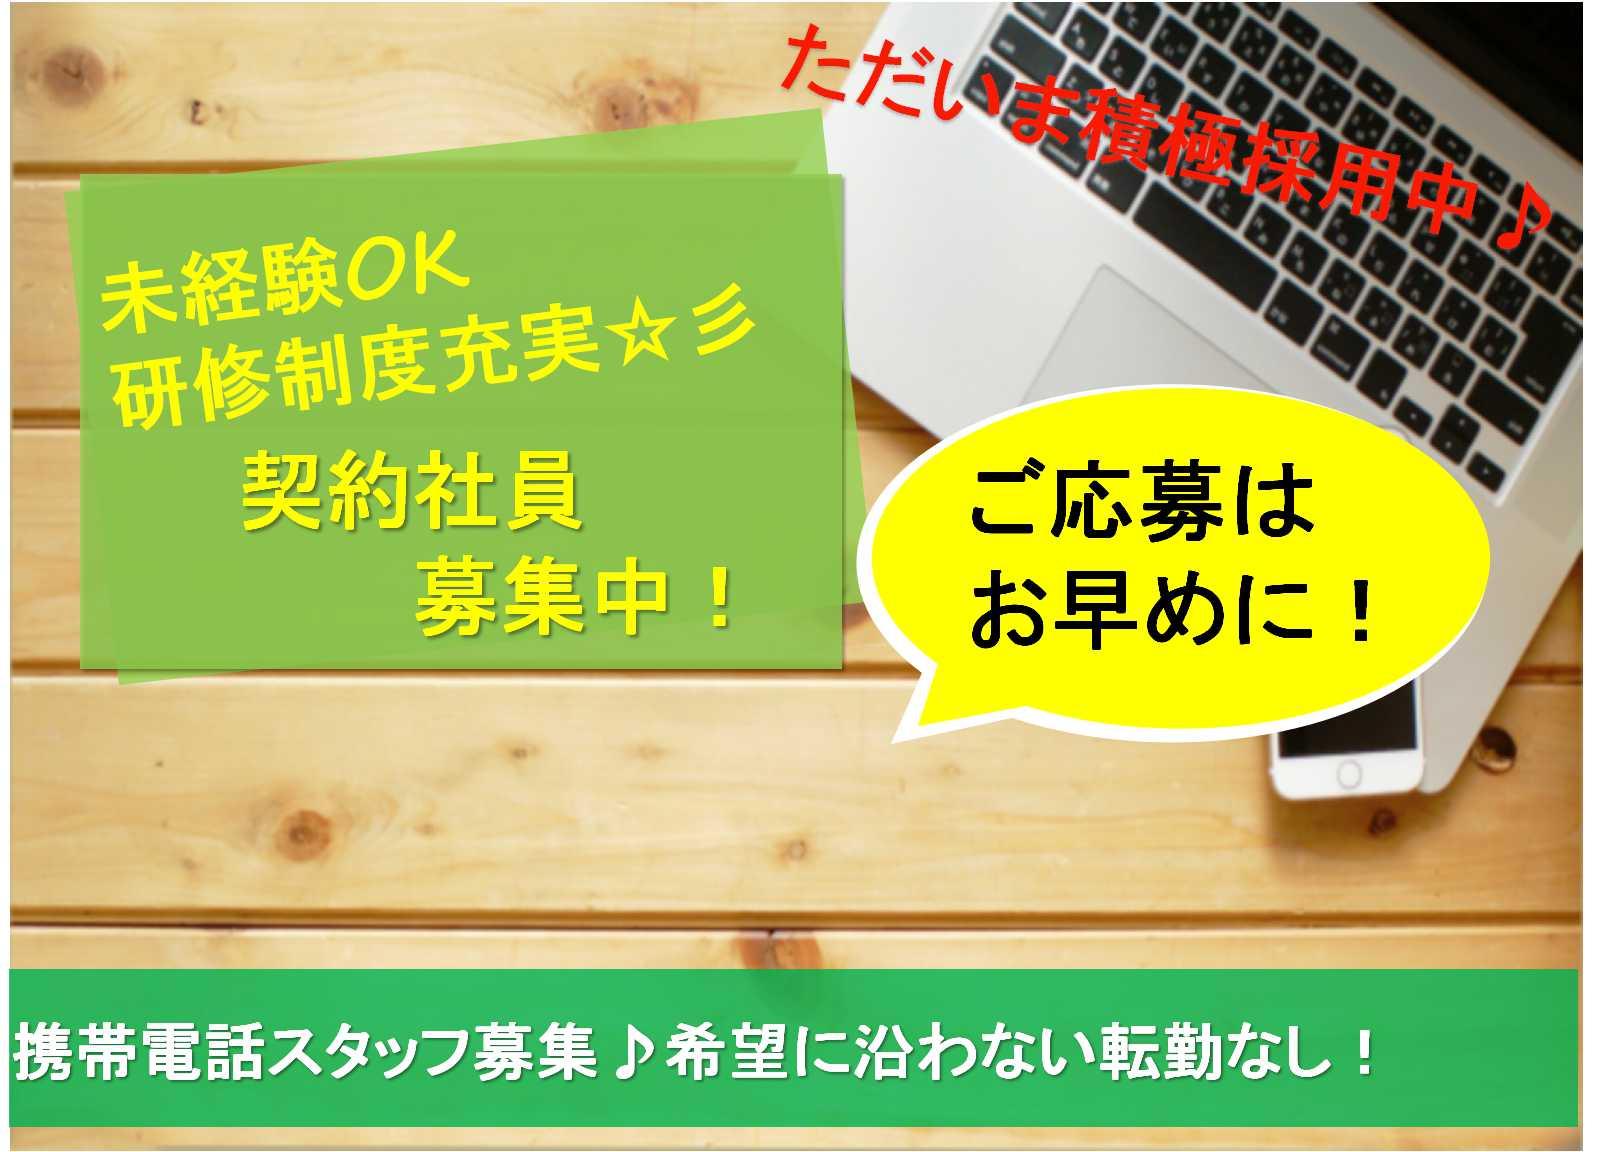 【名古屋市守山区】地元で働きたい!が可能です♪未経験歓迎★携帯電話スタッフ【即面談可能】 イメージ